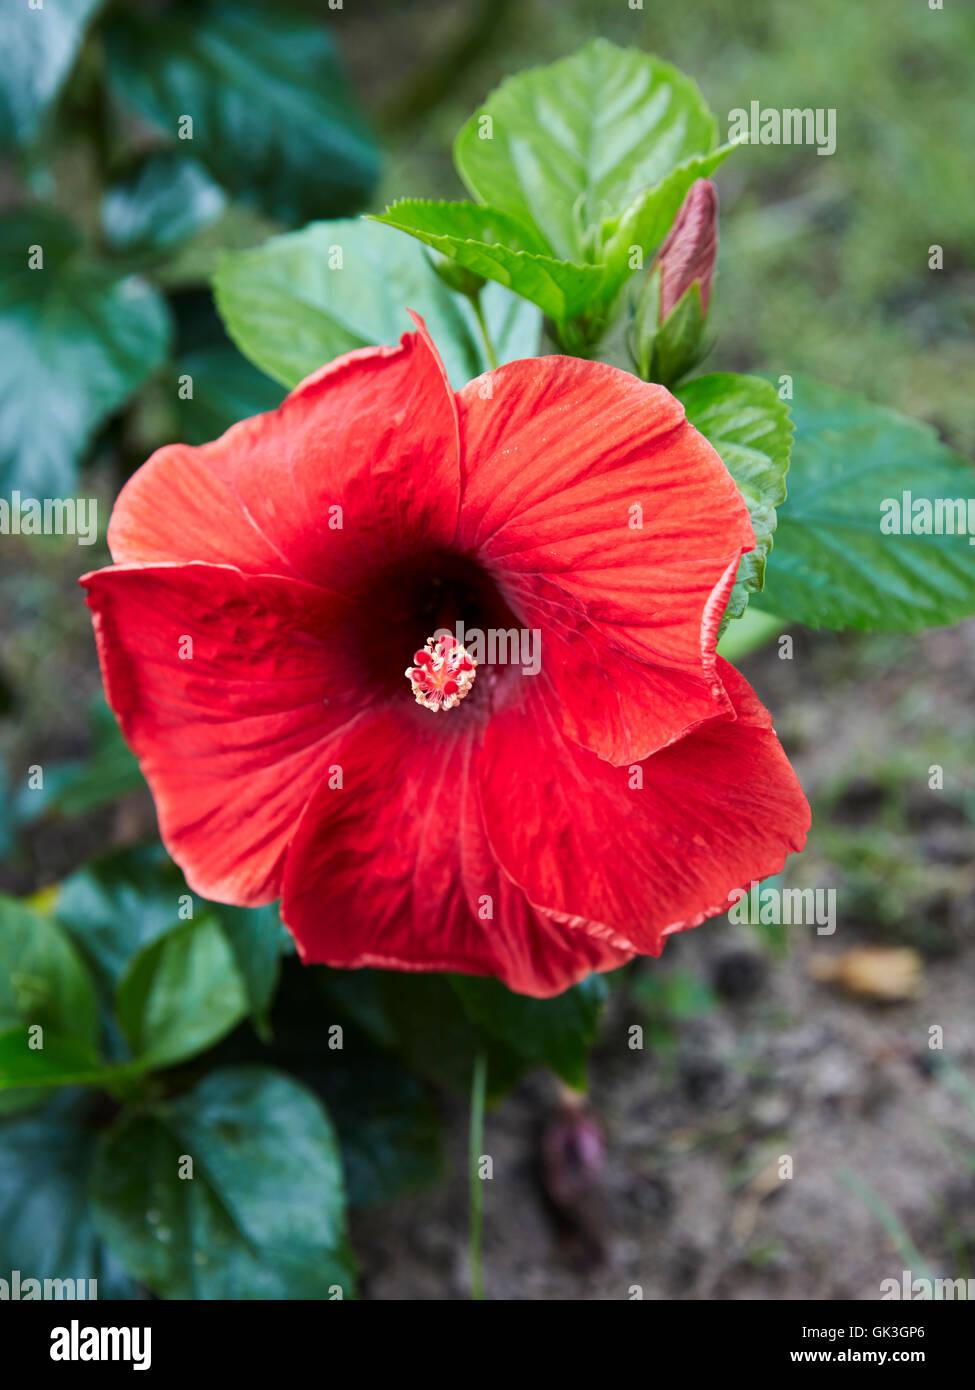 Red hibiscus flower scientific name hibiscus rosa sinensis hoi an red hibiscus flower scientific name hibiscus rosa sinensis hoi an quang nam province vietnam izmirmasajfo